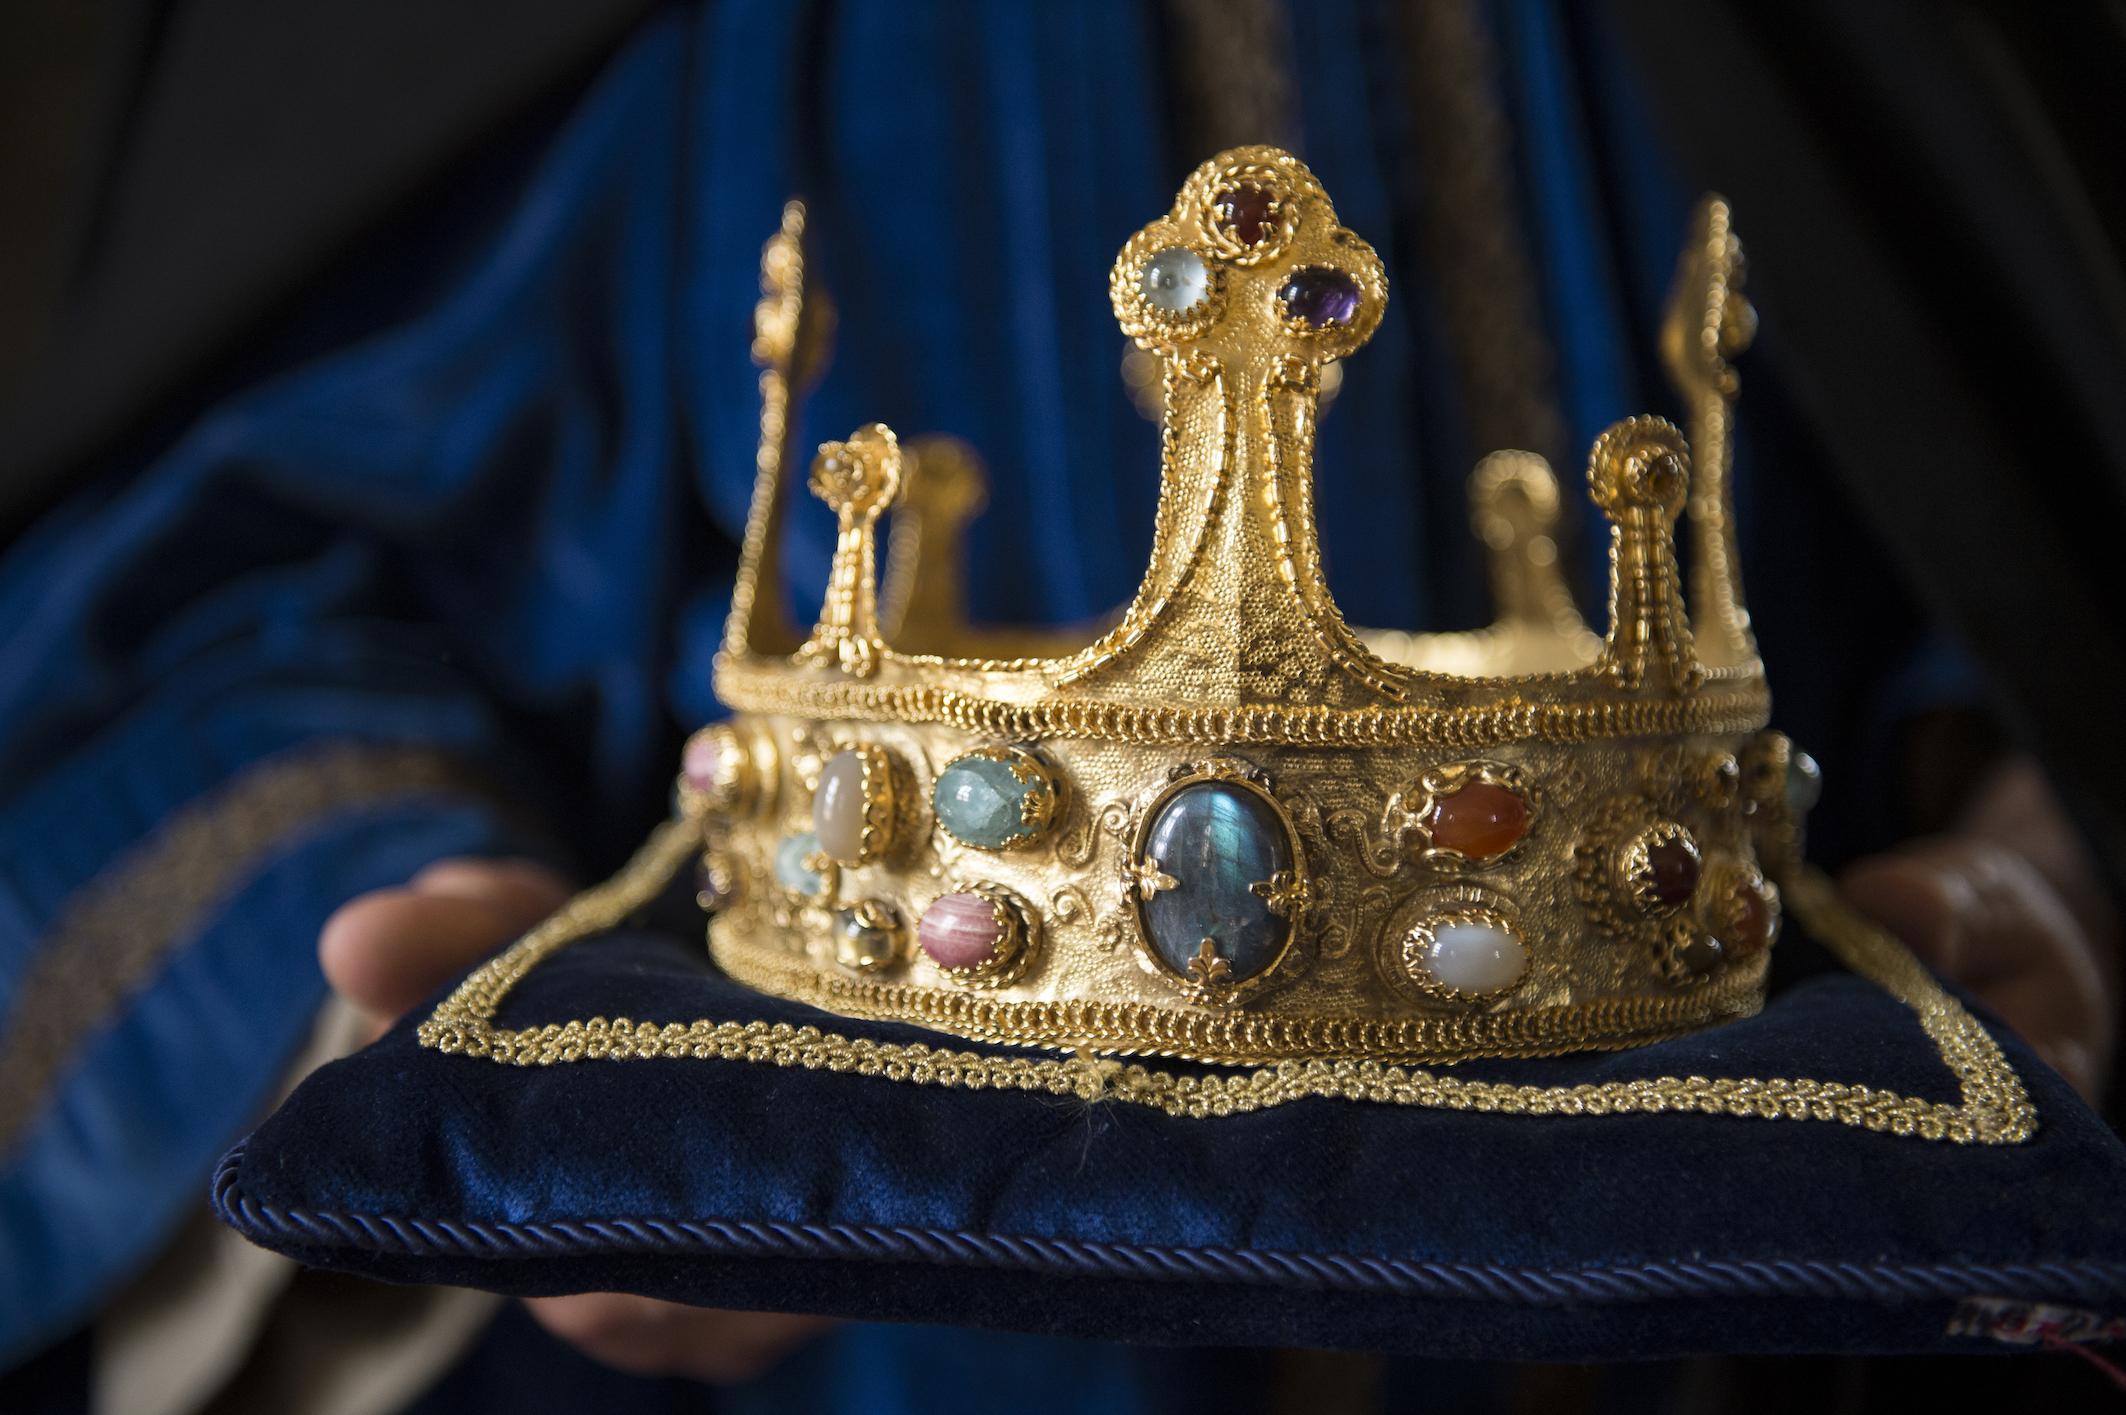 Ruhmsucht, Gier und Größenwahn: Europas Geschichte ist geprägt durch den Machthunger seiner Könige. Im Hundertjährigen Krieg kämpfen die Herrscher von England und Frankreich um den Thron. Die Feindschaft zwischen Philipp VI. und Edward III. löst im 14. Jahrhundert einen der längsten Kriege aller Zeiten aus. Aber nicht nur auf dem Schlachtfeld herrscht Gewalt. Intrigen, Mord, Geiselnahme und Verrat sind die Mittel, um den Rivalen vom Thron zu stoßen.  ©ZDF/Bertrand Goujard